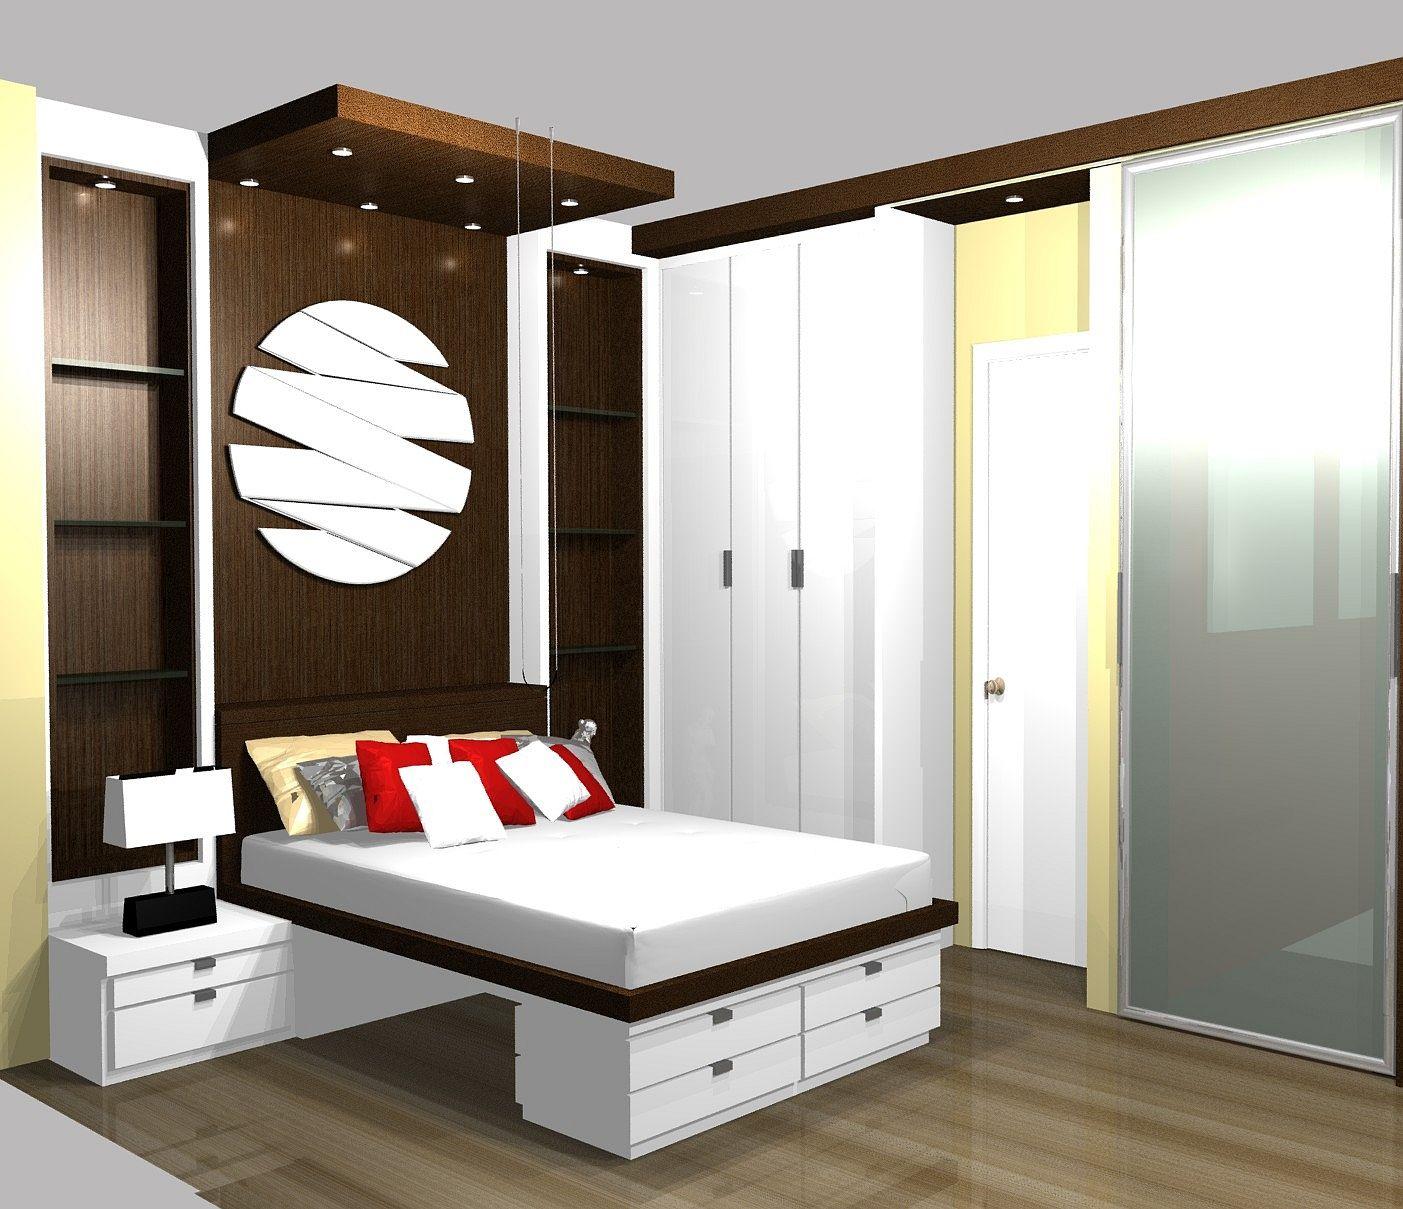 1 dormitórios armário sob medida marcenaria moveis planejados